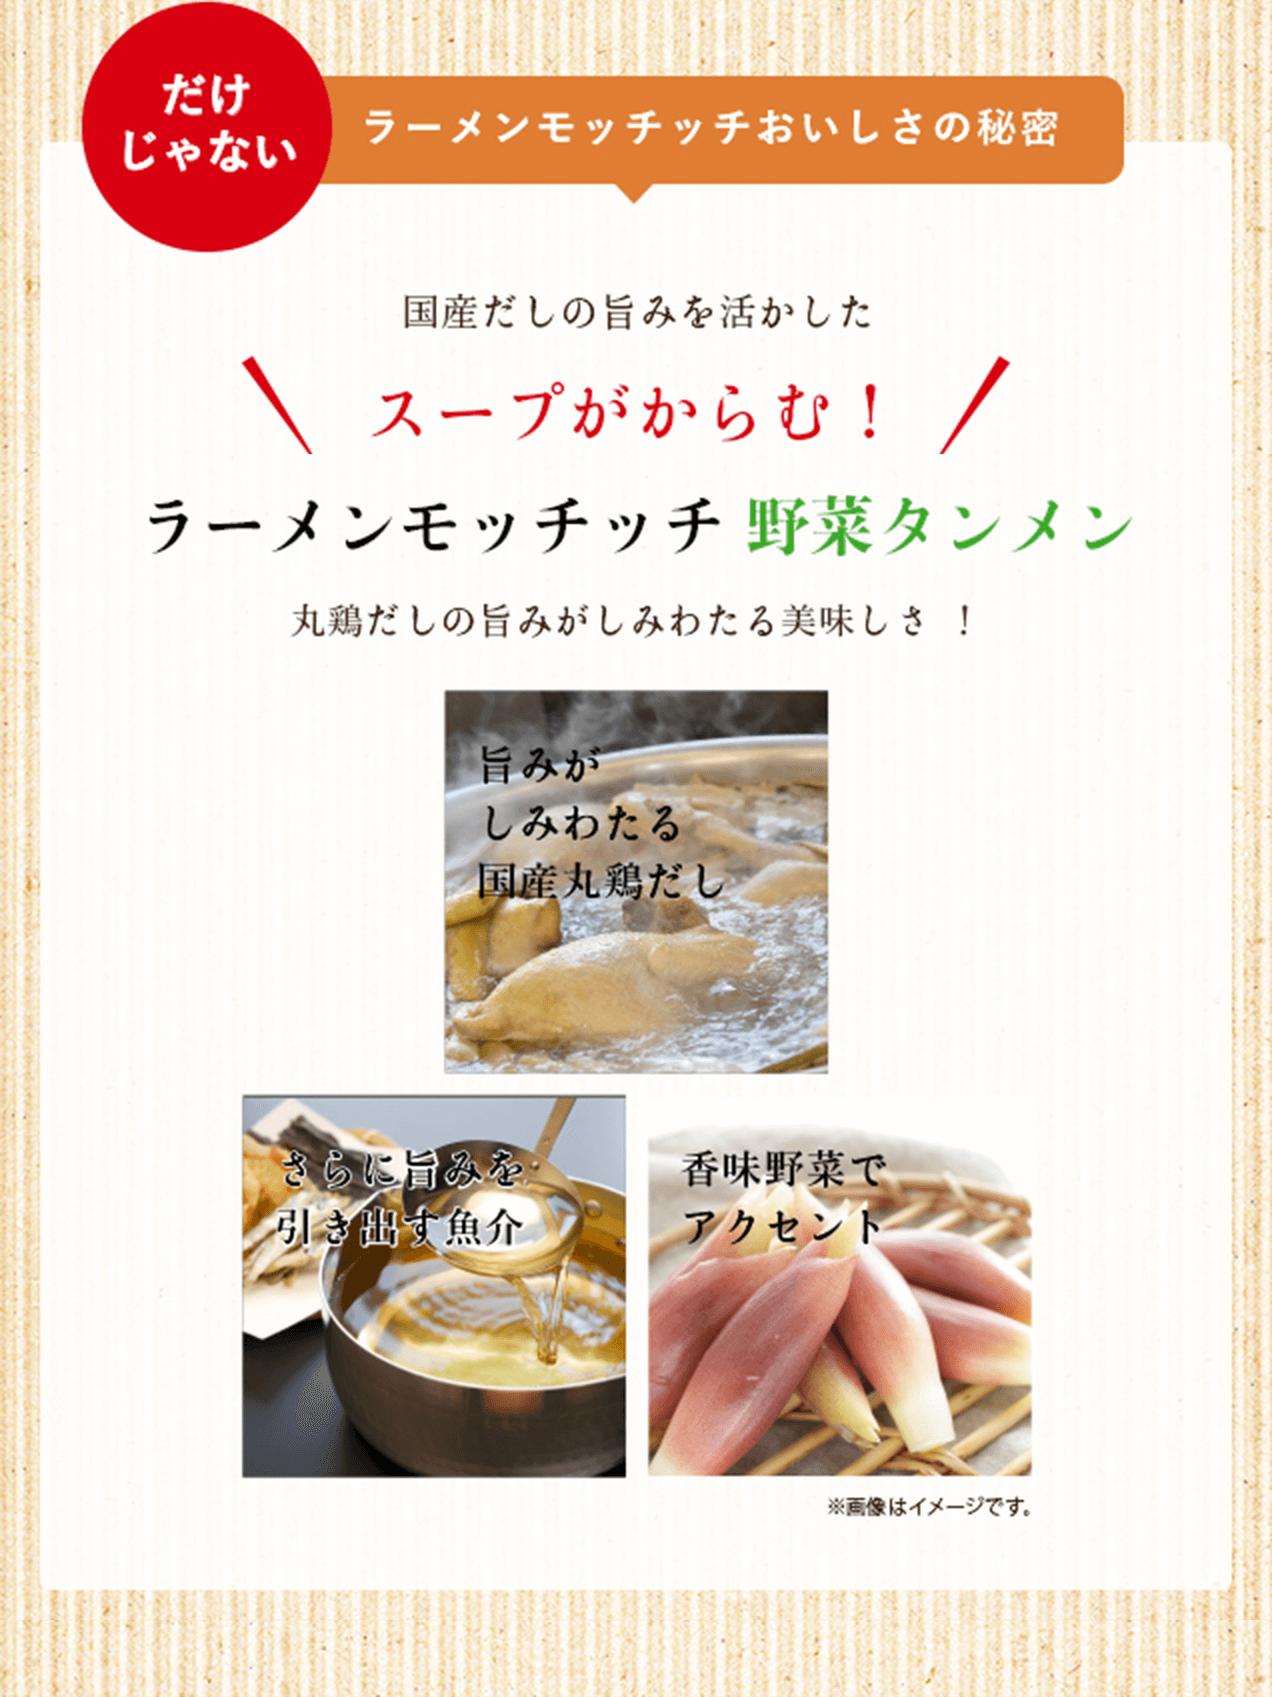 だけじゃないラーメンモッチッチおいしさの秘密。国産だしの旨味を活かしたスープがからむ!ラーメンモッチッチワンタン麺